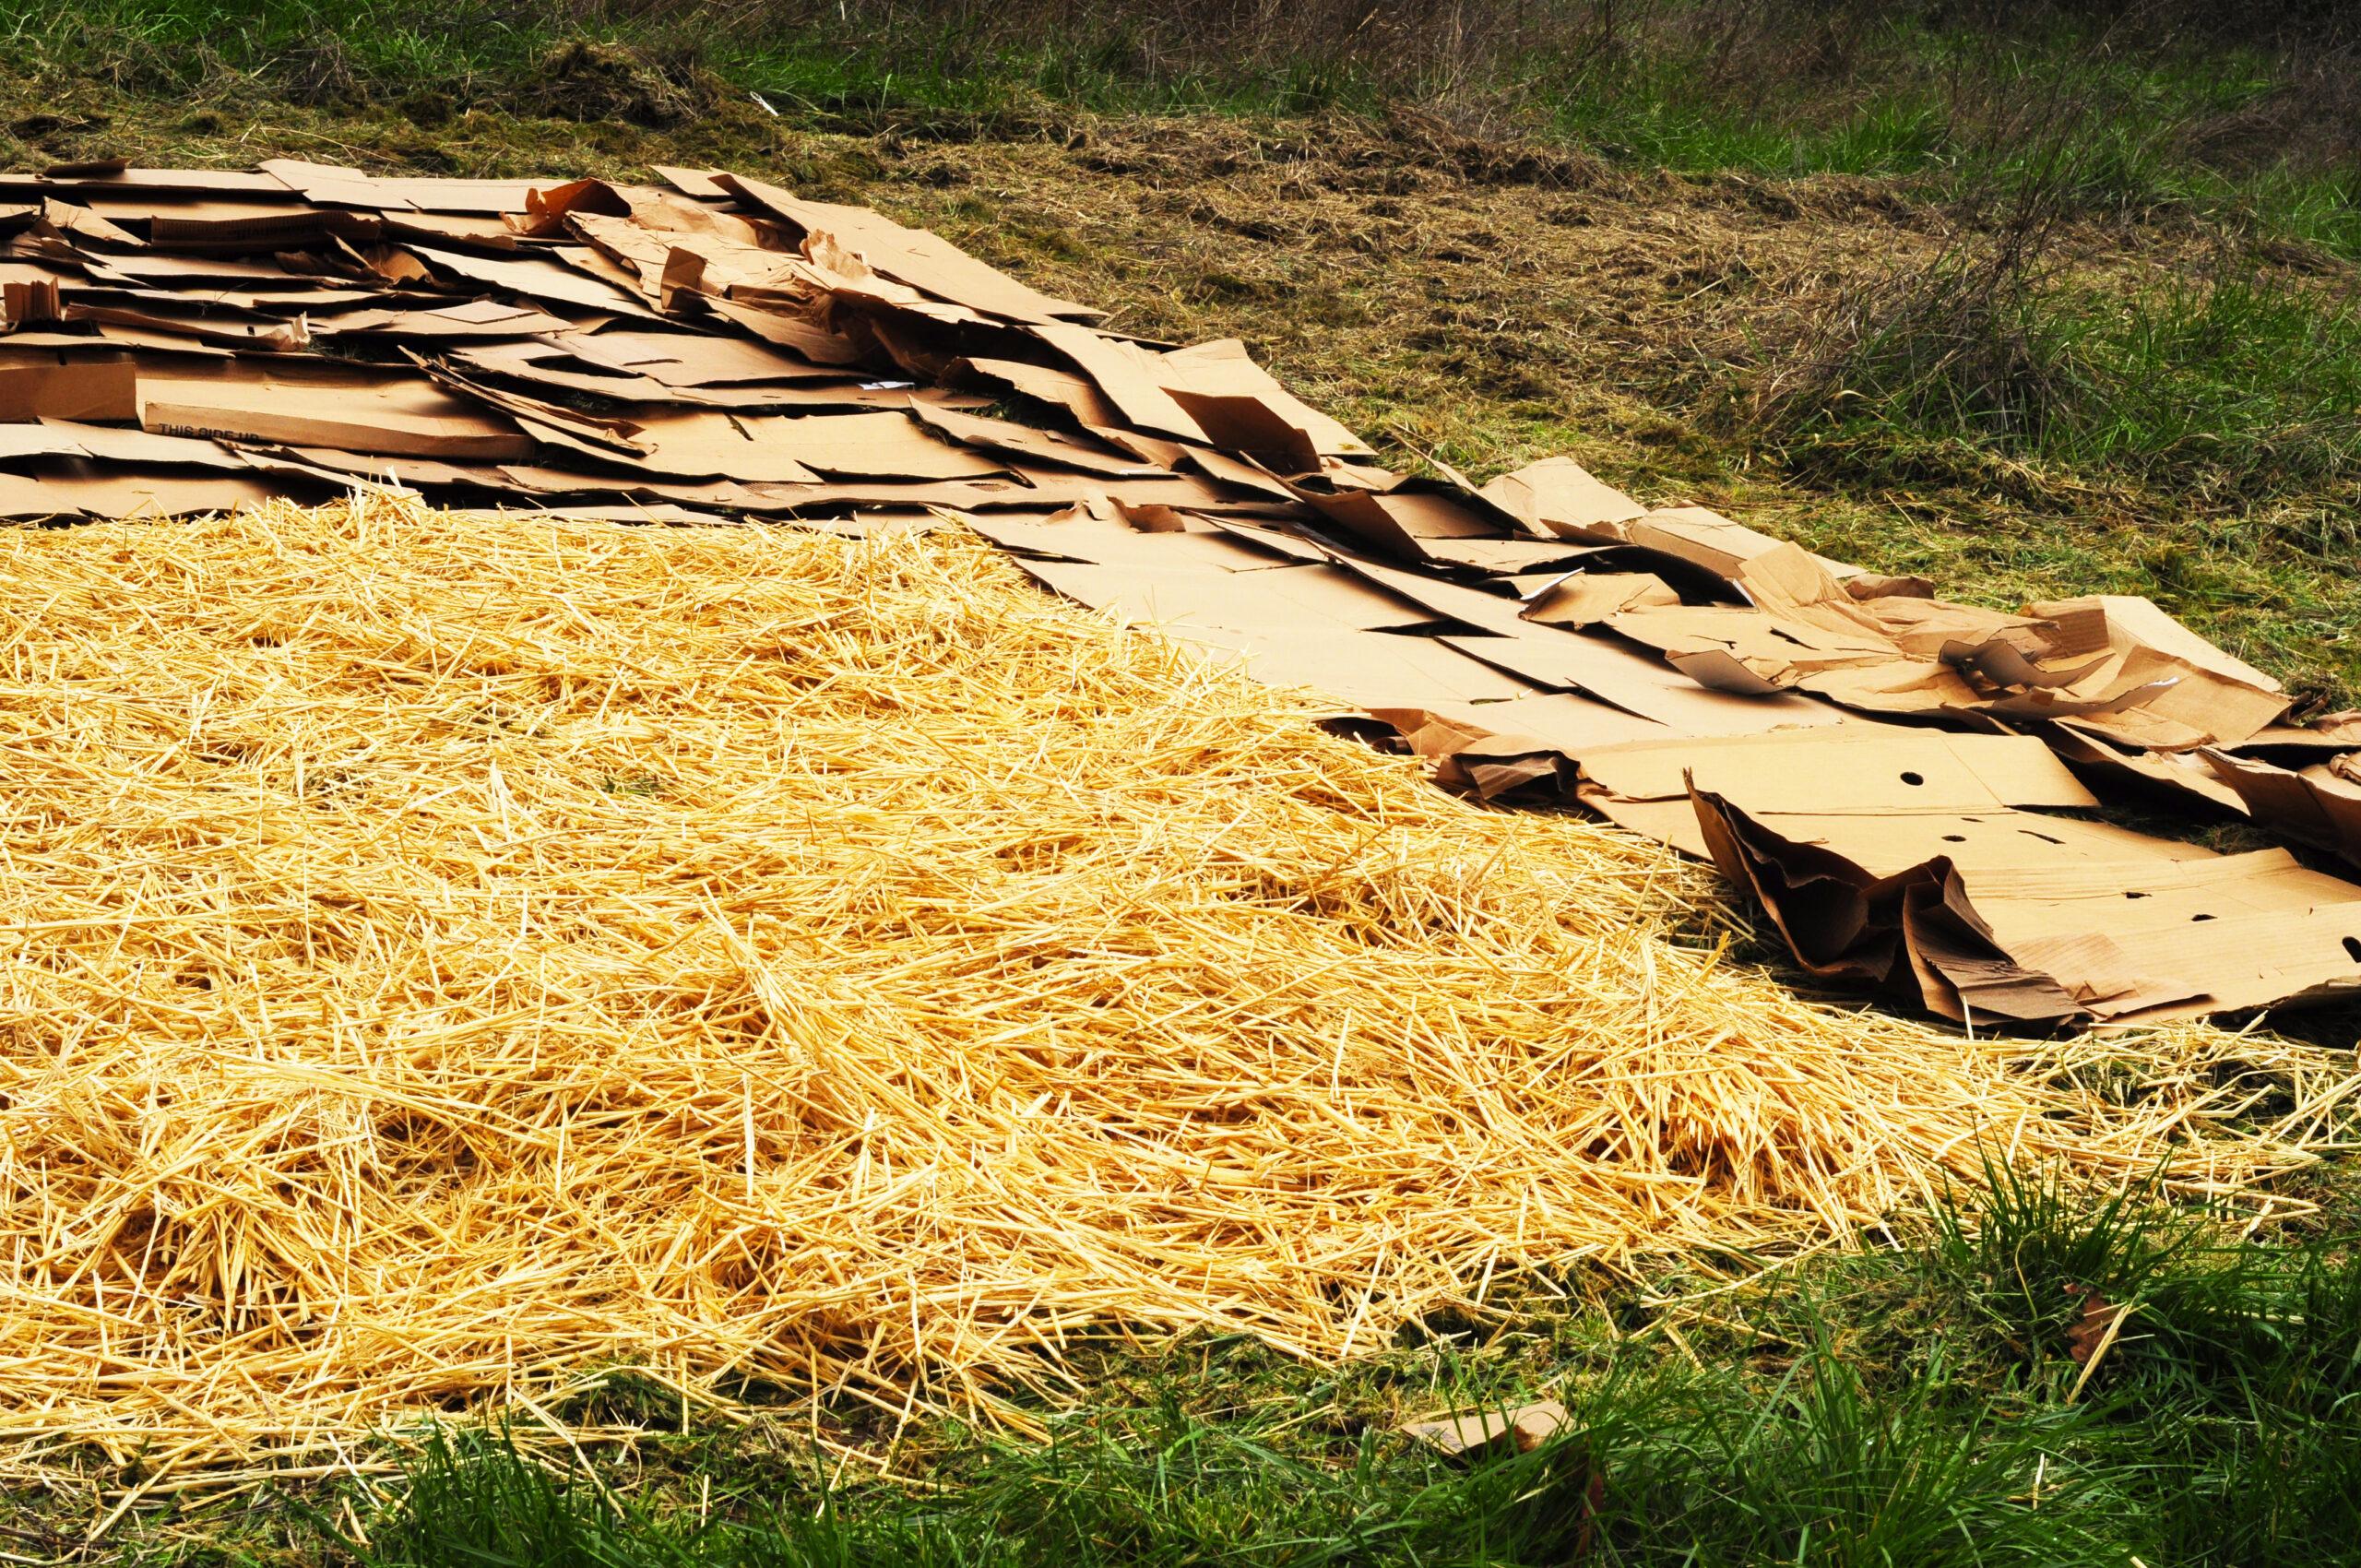 Cardboard sheet mulch